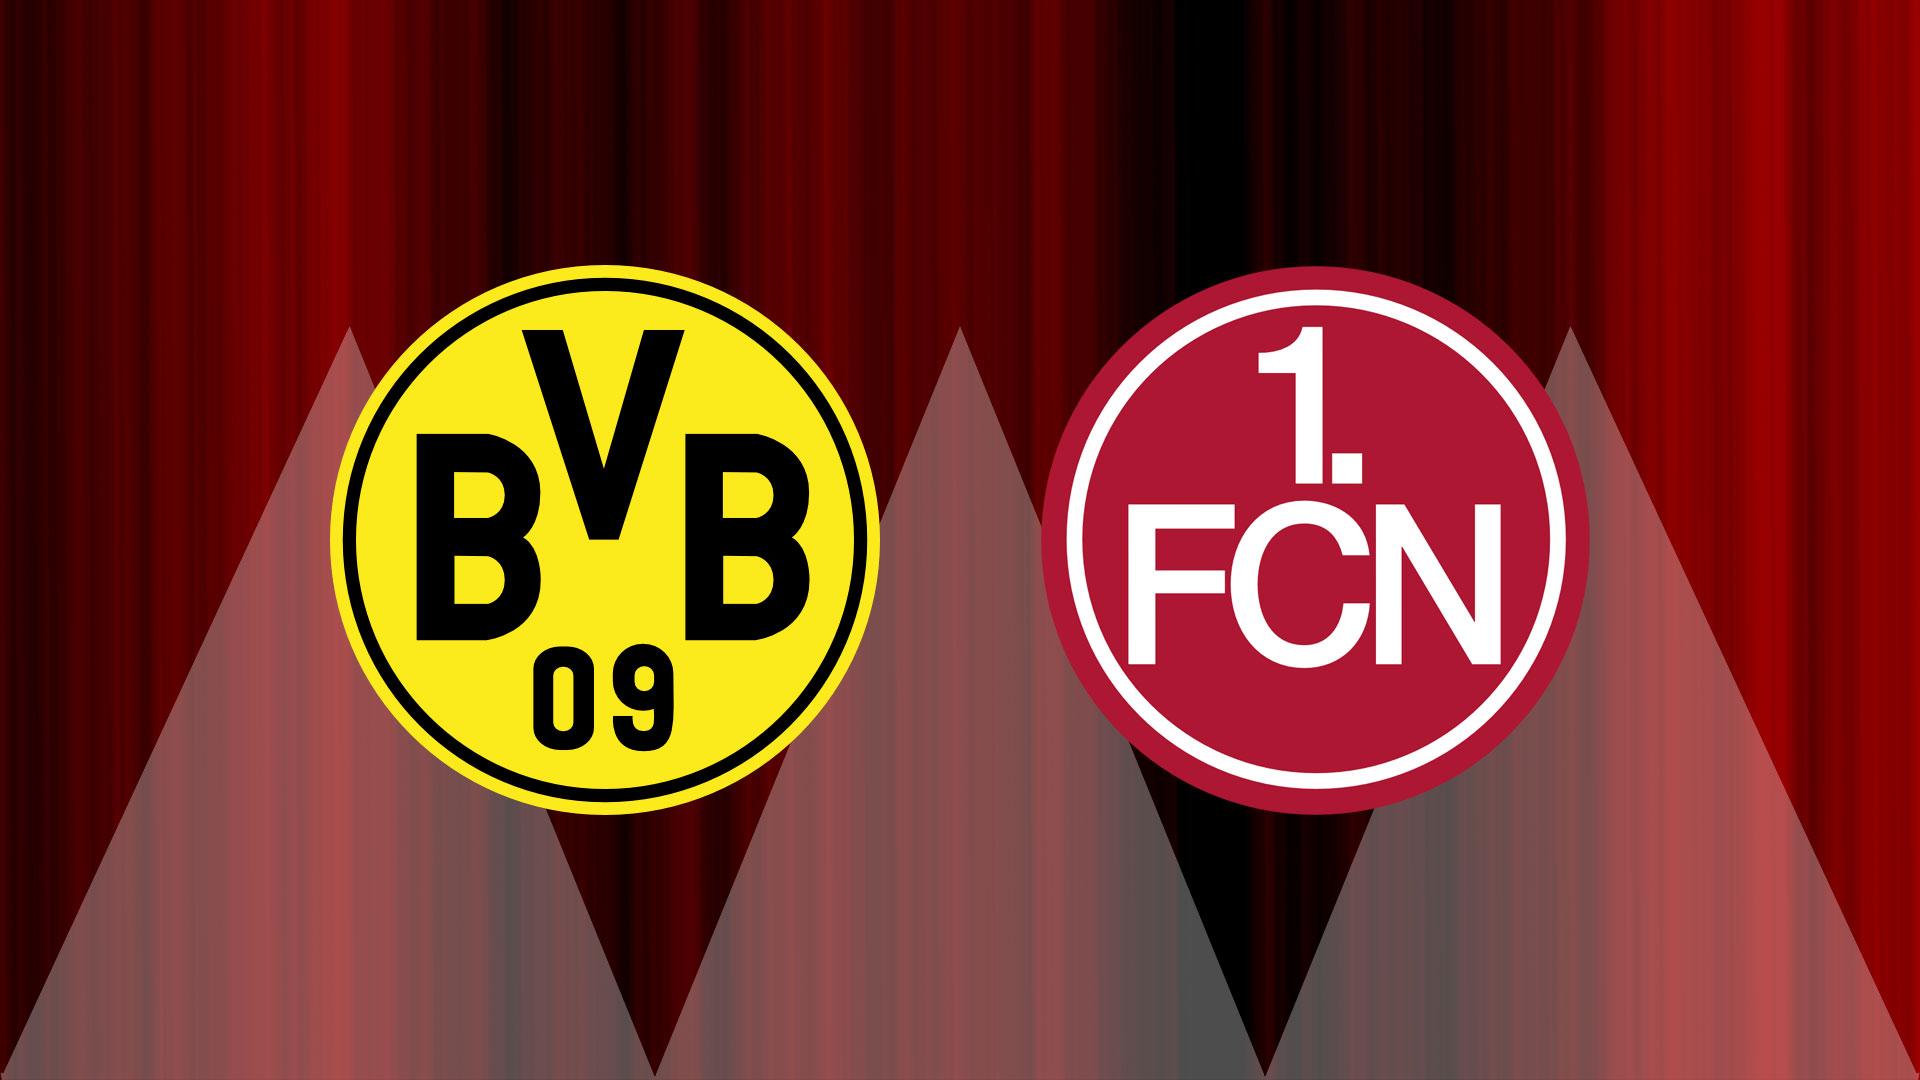 07 Club Geht In Dortmund Unter Bvbfcn Johannes Mirus